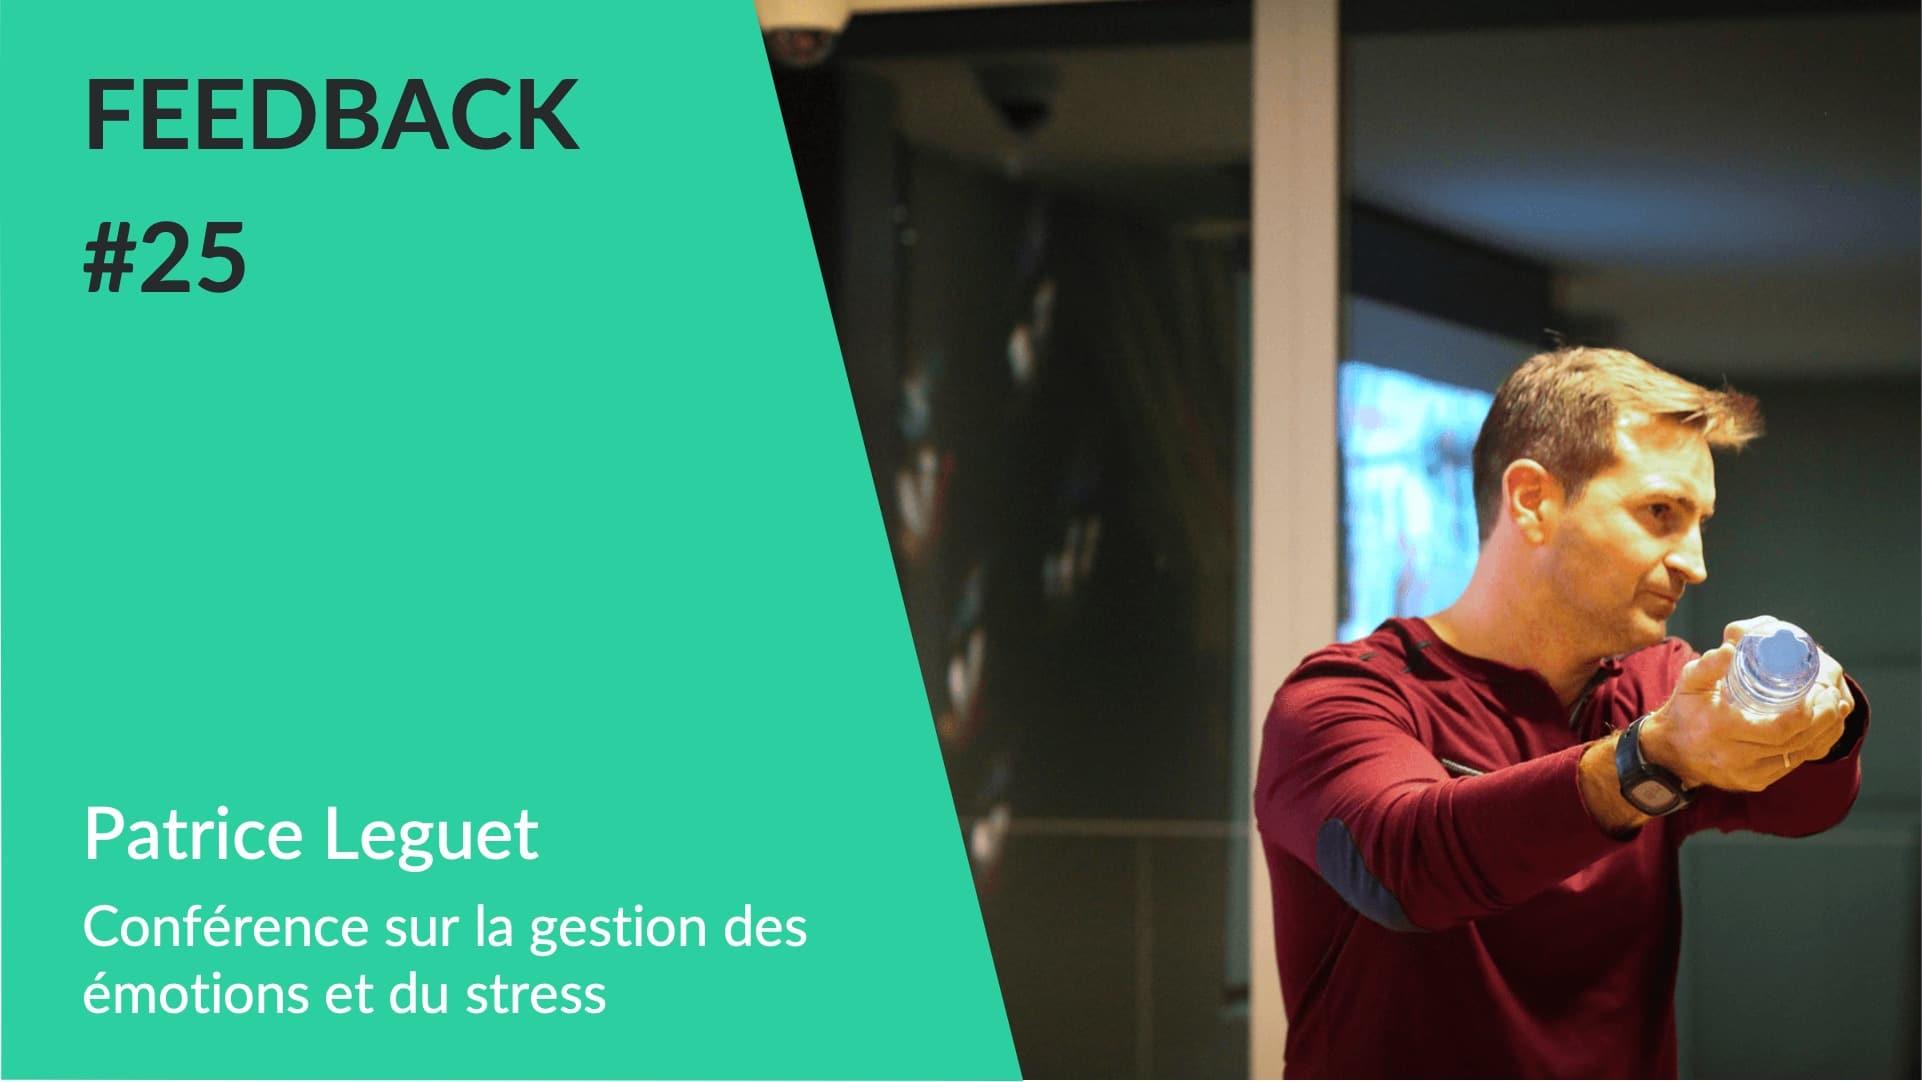 Feedback - Conférence gestion des émotions et du stress Patrice Leguet